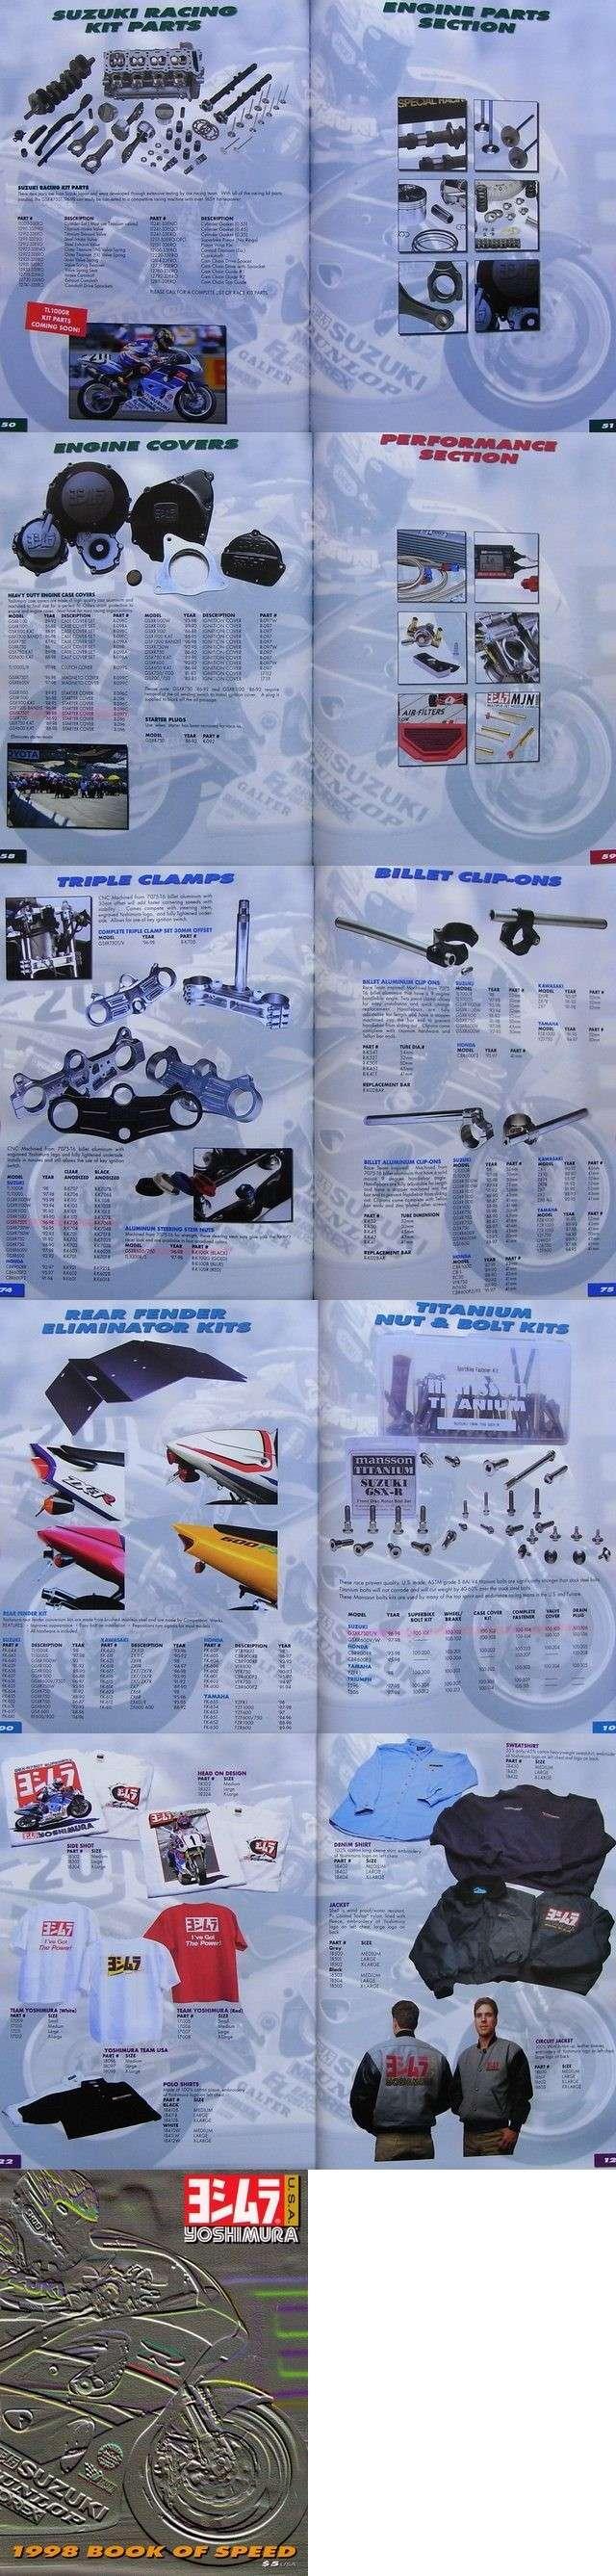 Suzuki 750/ 600 SRAD - Page 5 32379711